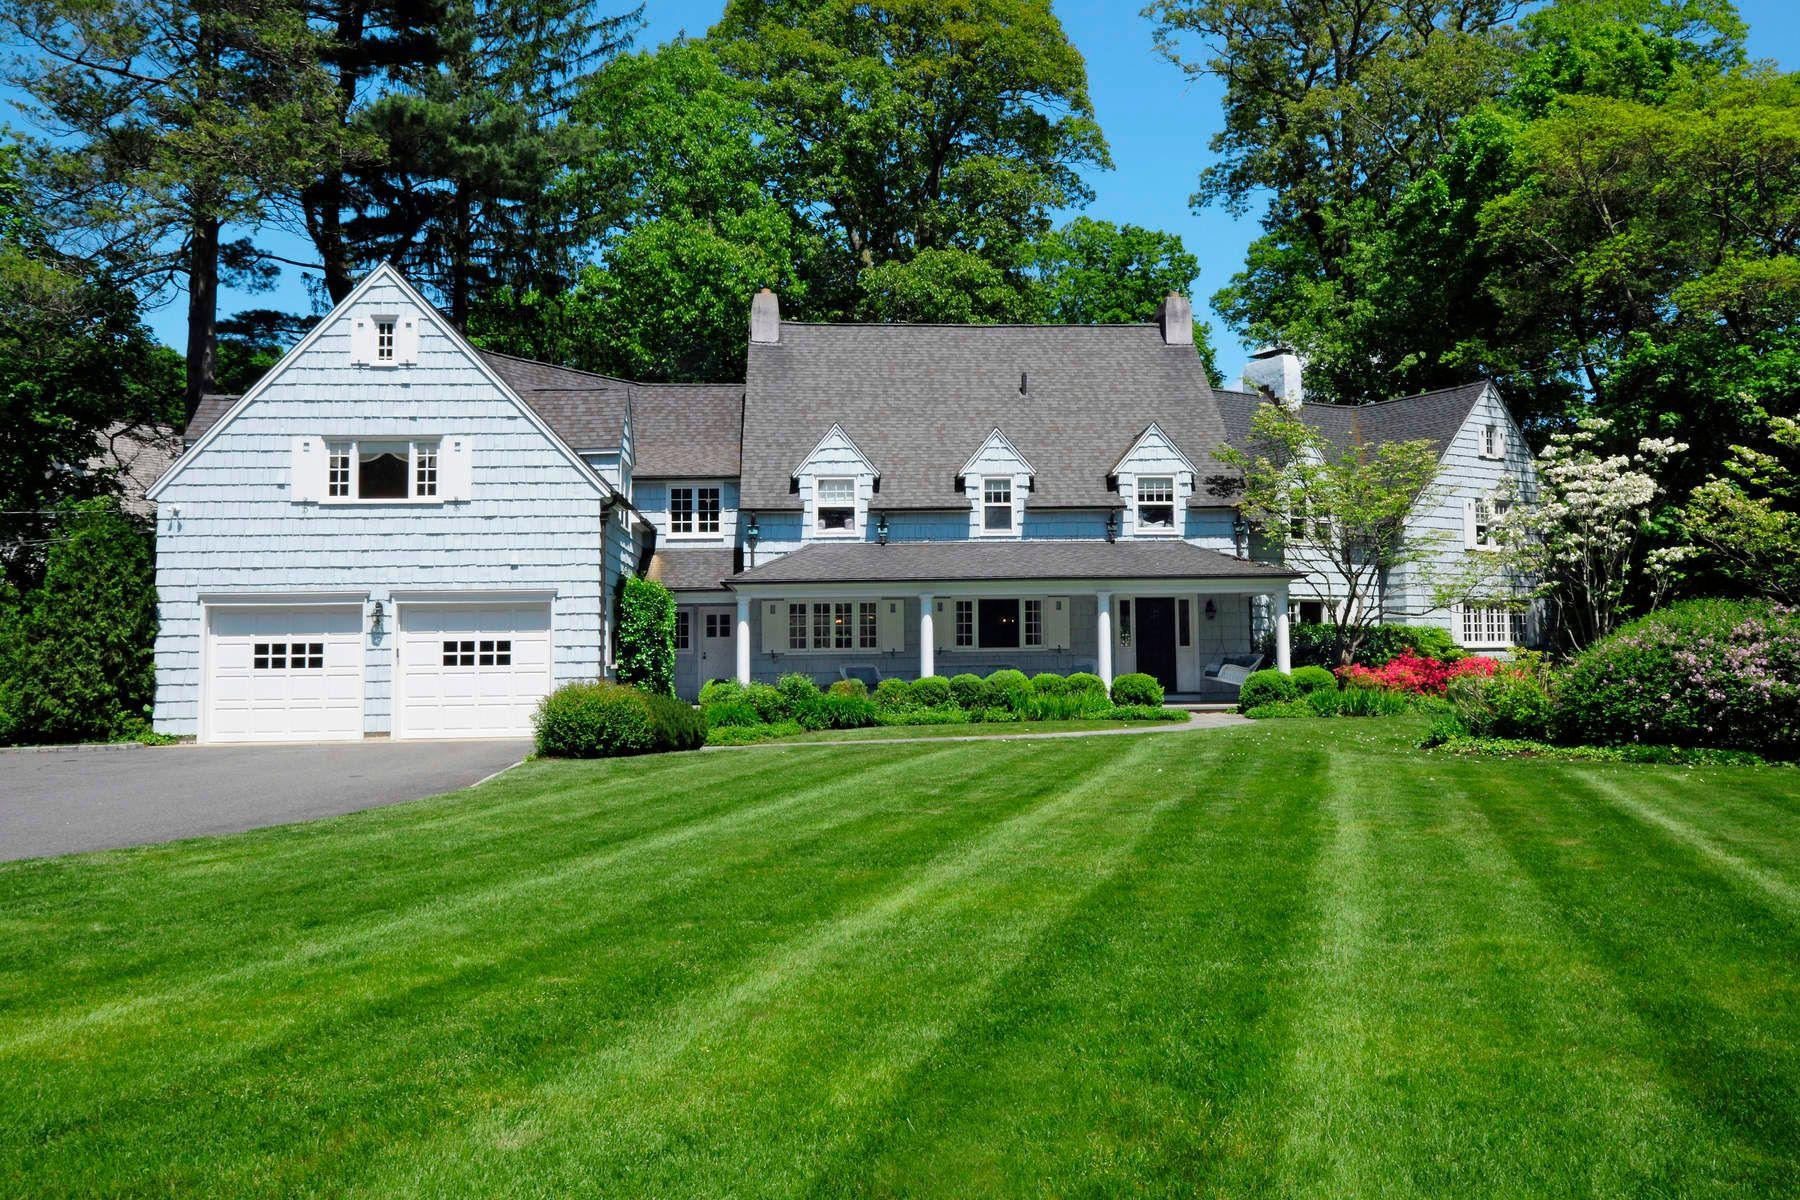 Maison unifamiliale pour l Vente à 54 Woodside Drive 54 Woodside Drive Greenwich, Connecticut 06830 États-Unis